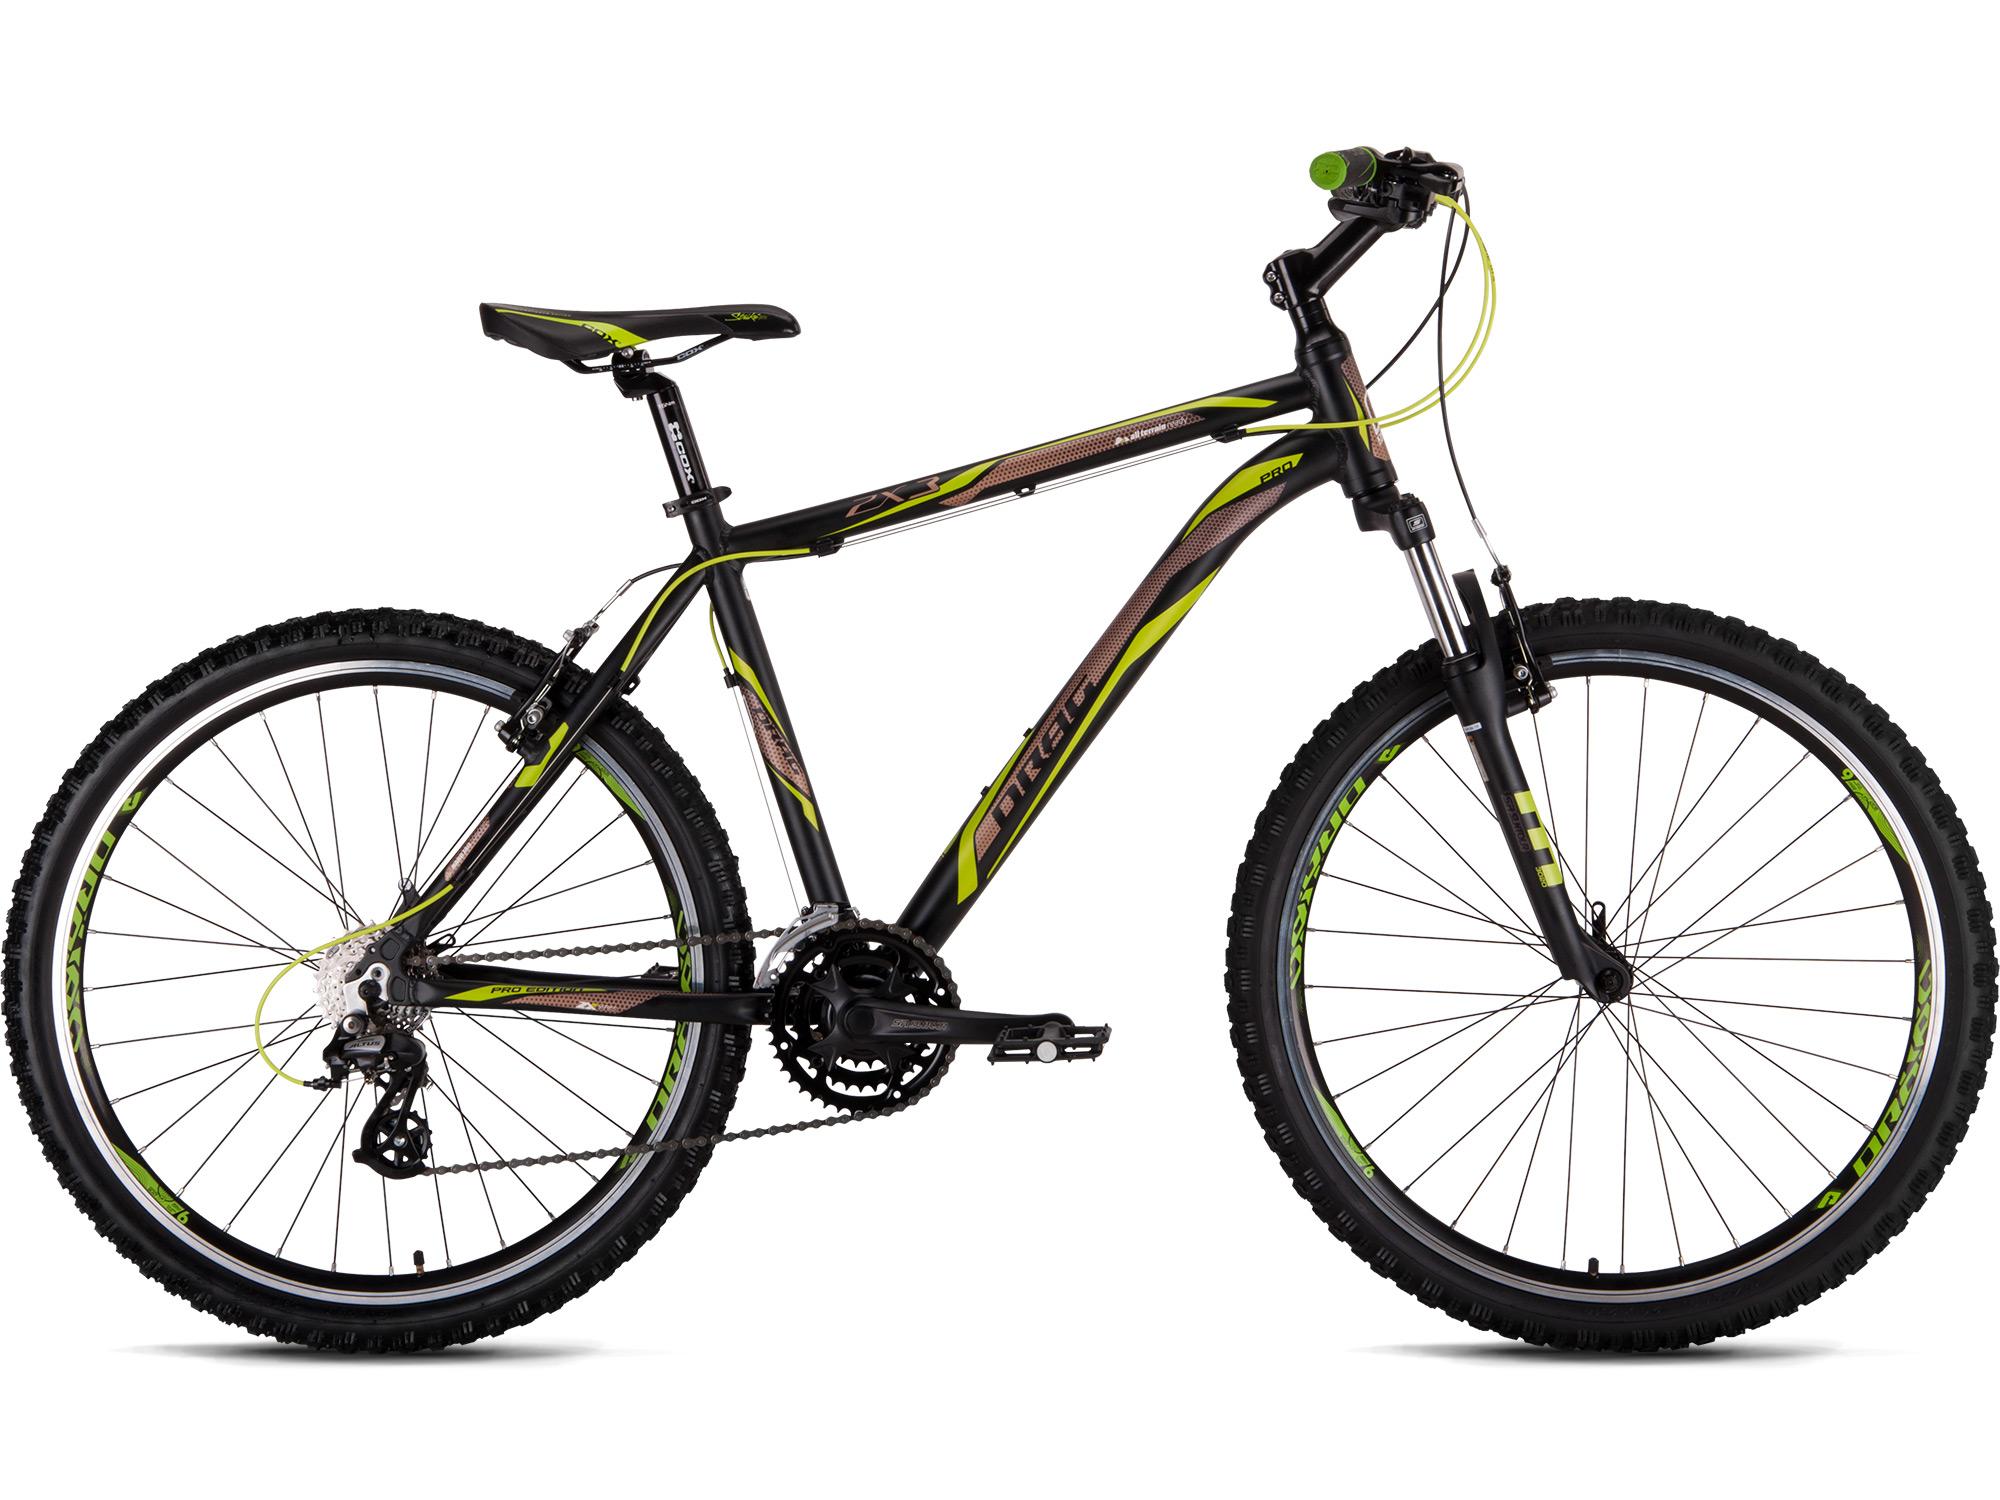 Велосипед Drag 26 ZX3 Pro XL-21.5 Черно Зеленый 2016 d590c6d3995